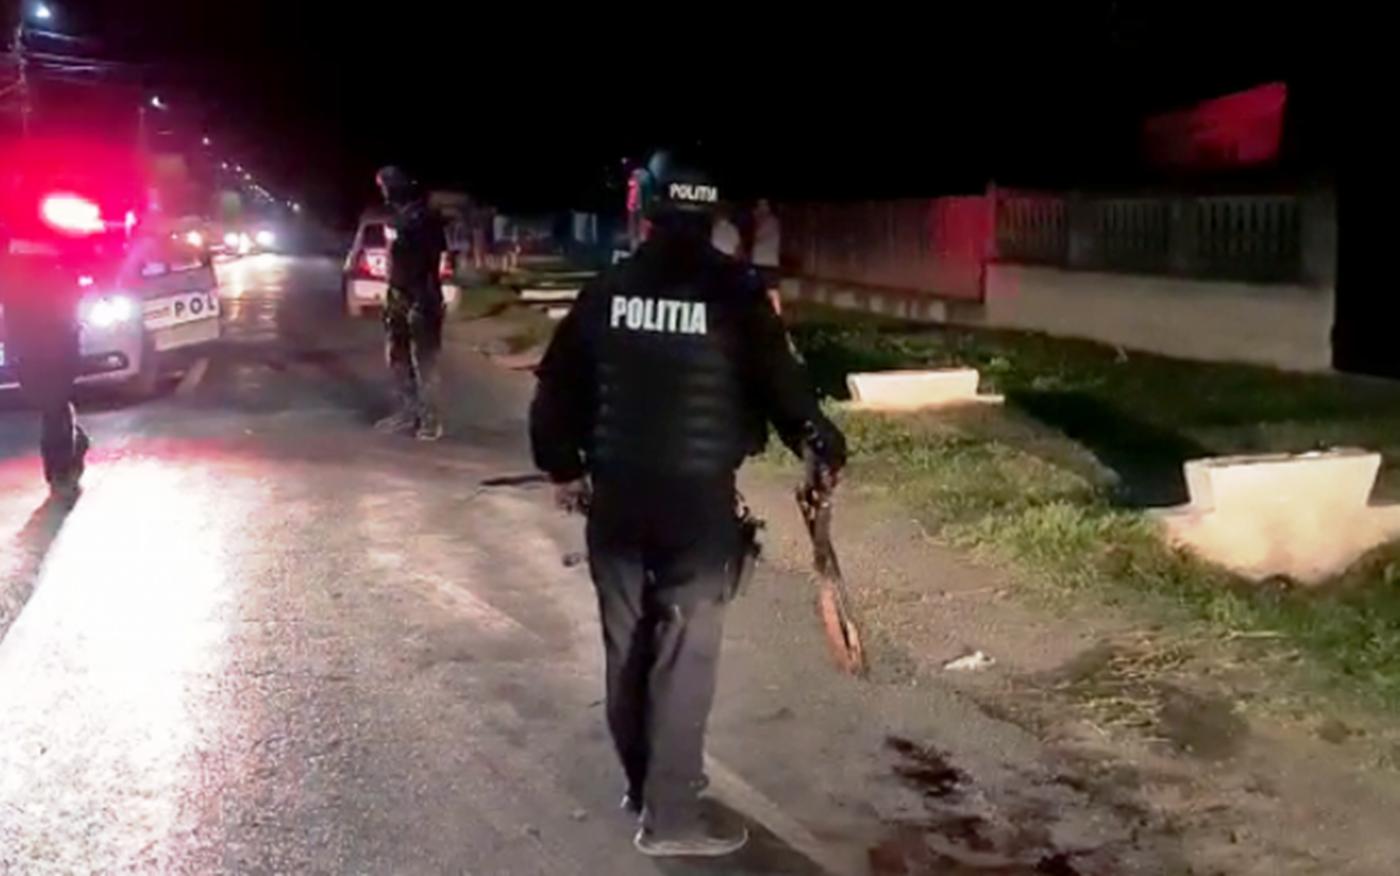 Scandal monstruos în Dâmbovița! Un polițist s-a ales cu degetele tăiate